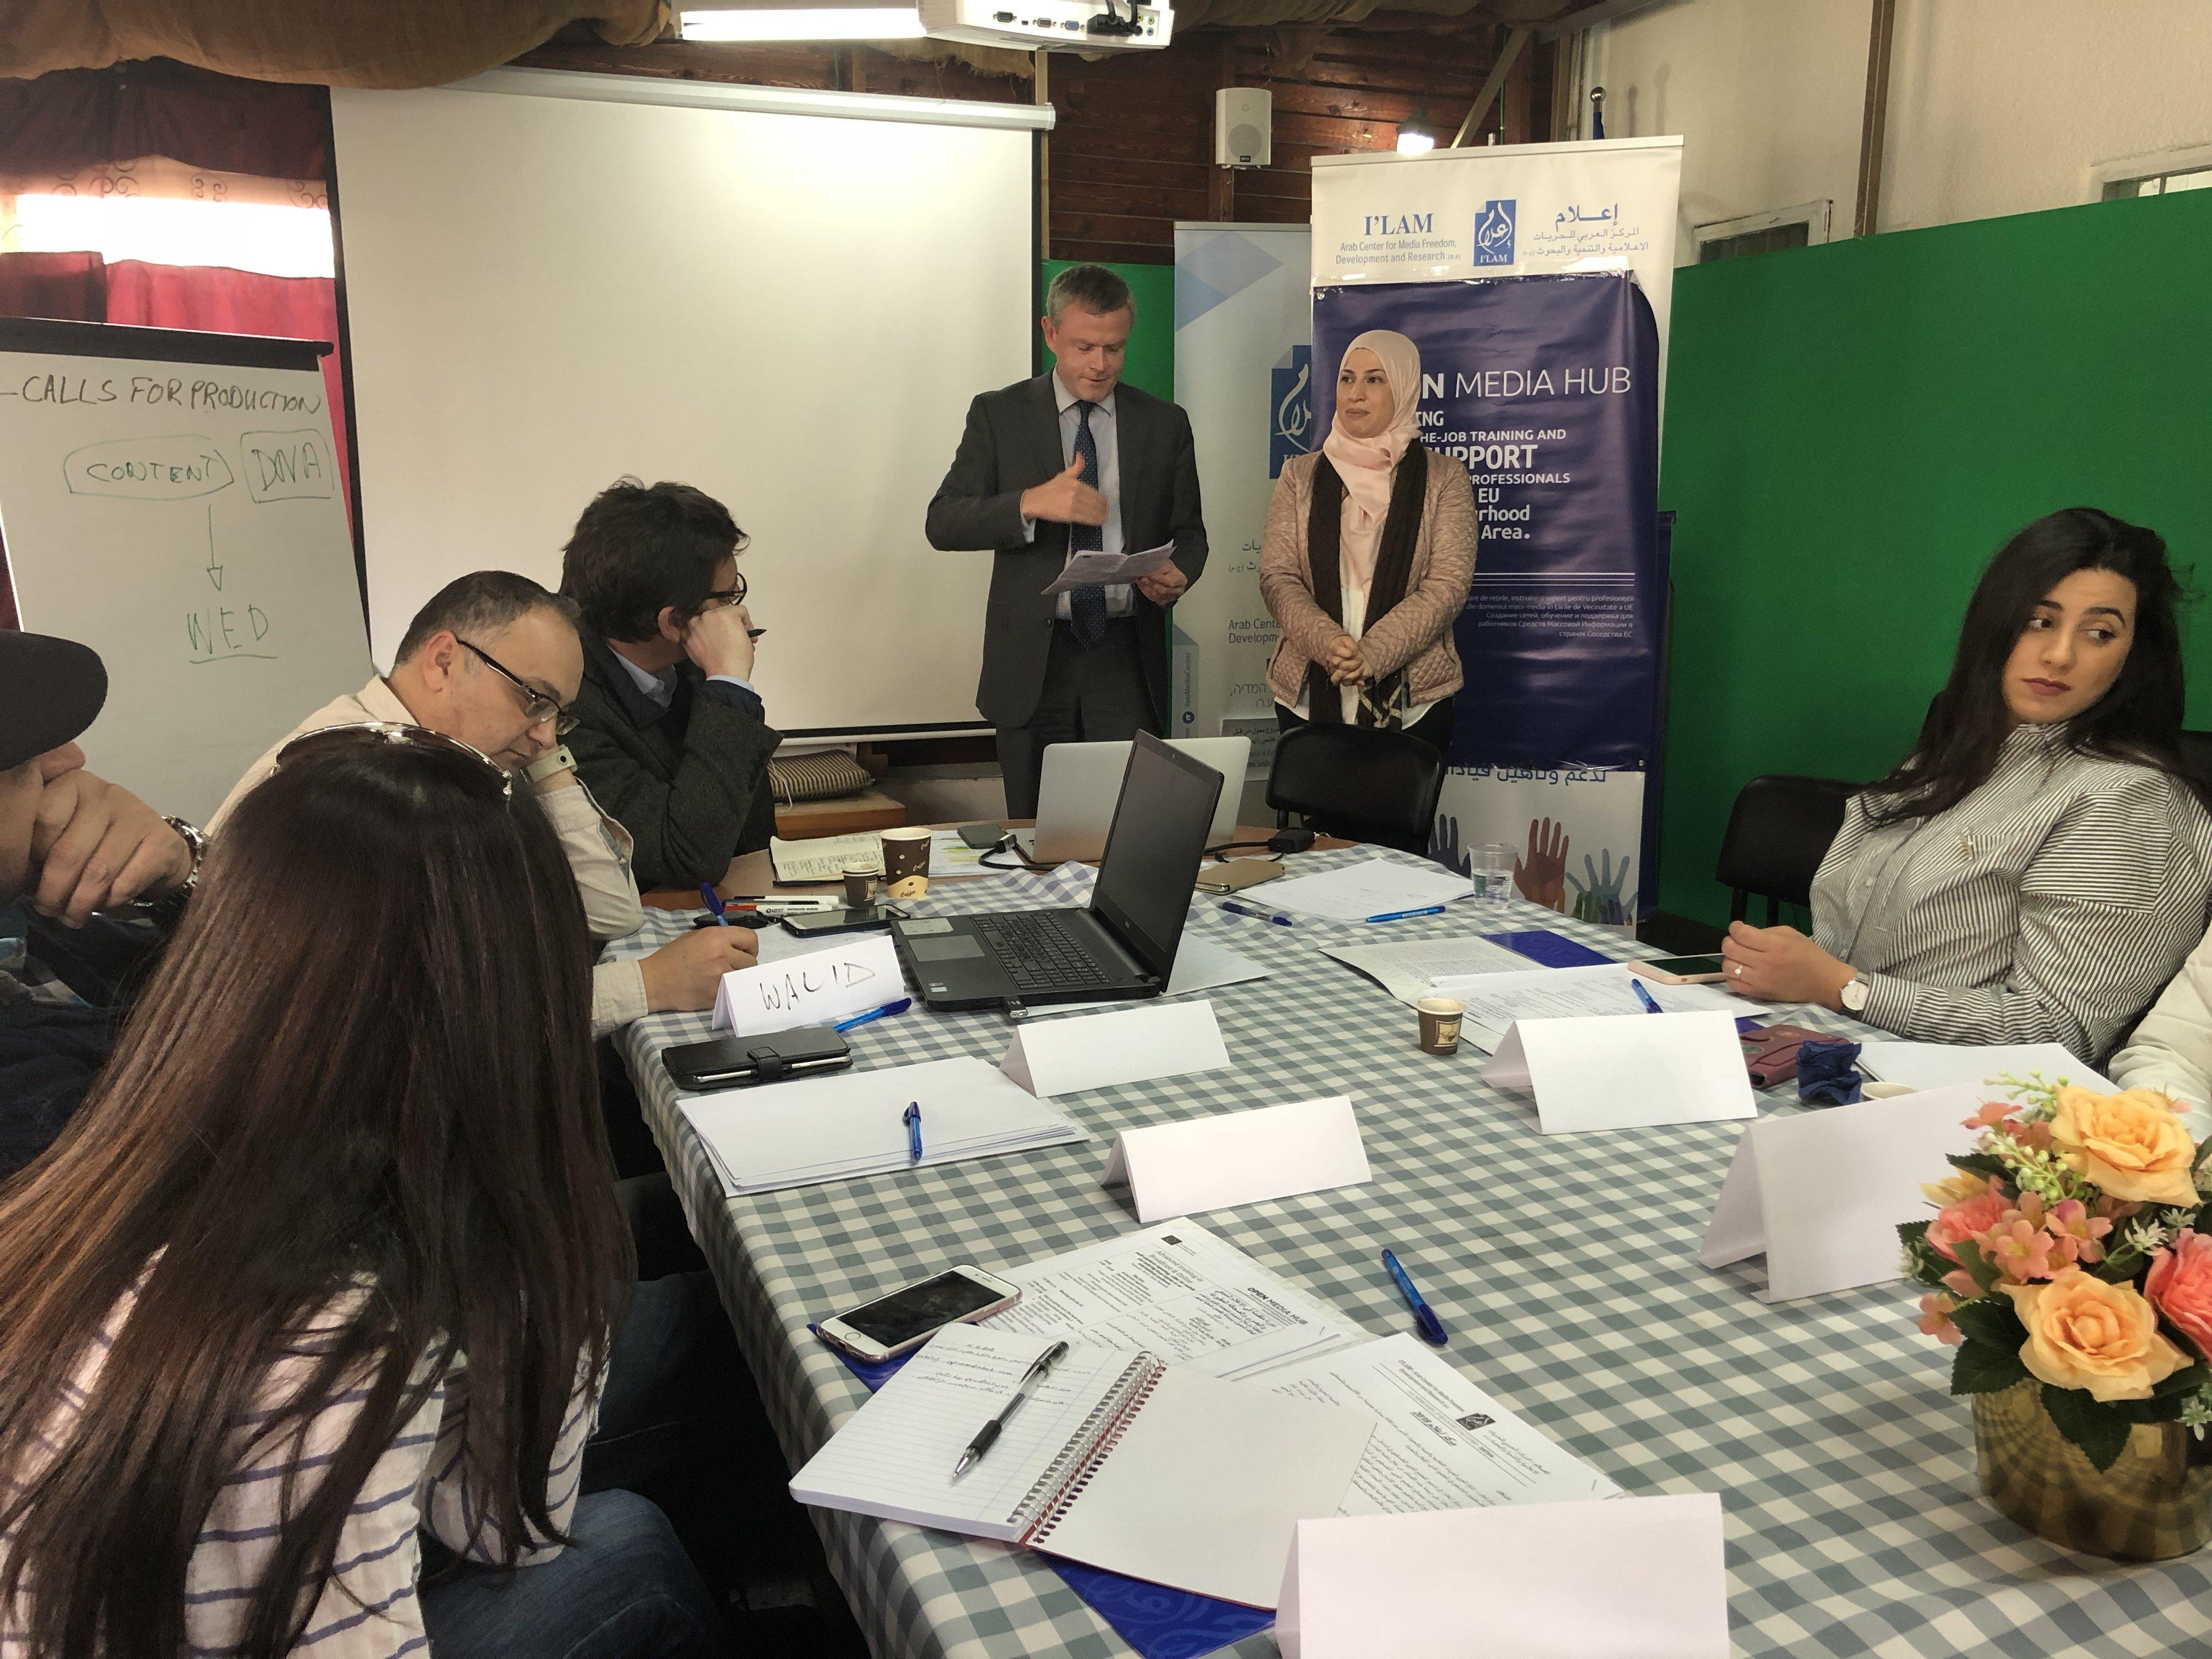 الناصرة: افتتاح دورة في الاعلام السمعي والبصري بمكاتب اعلام